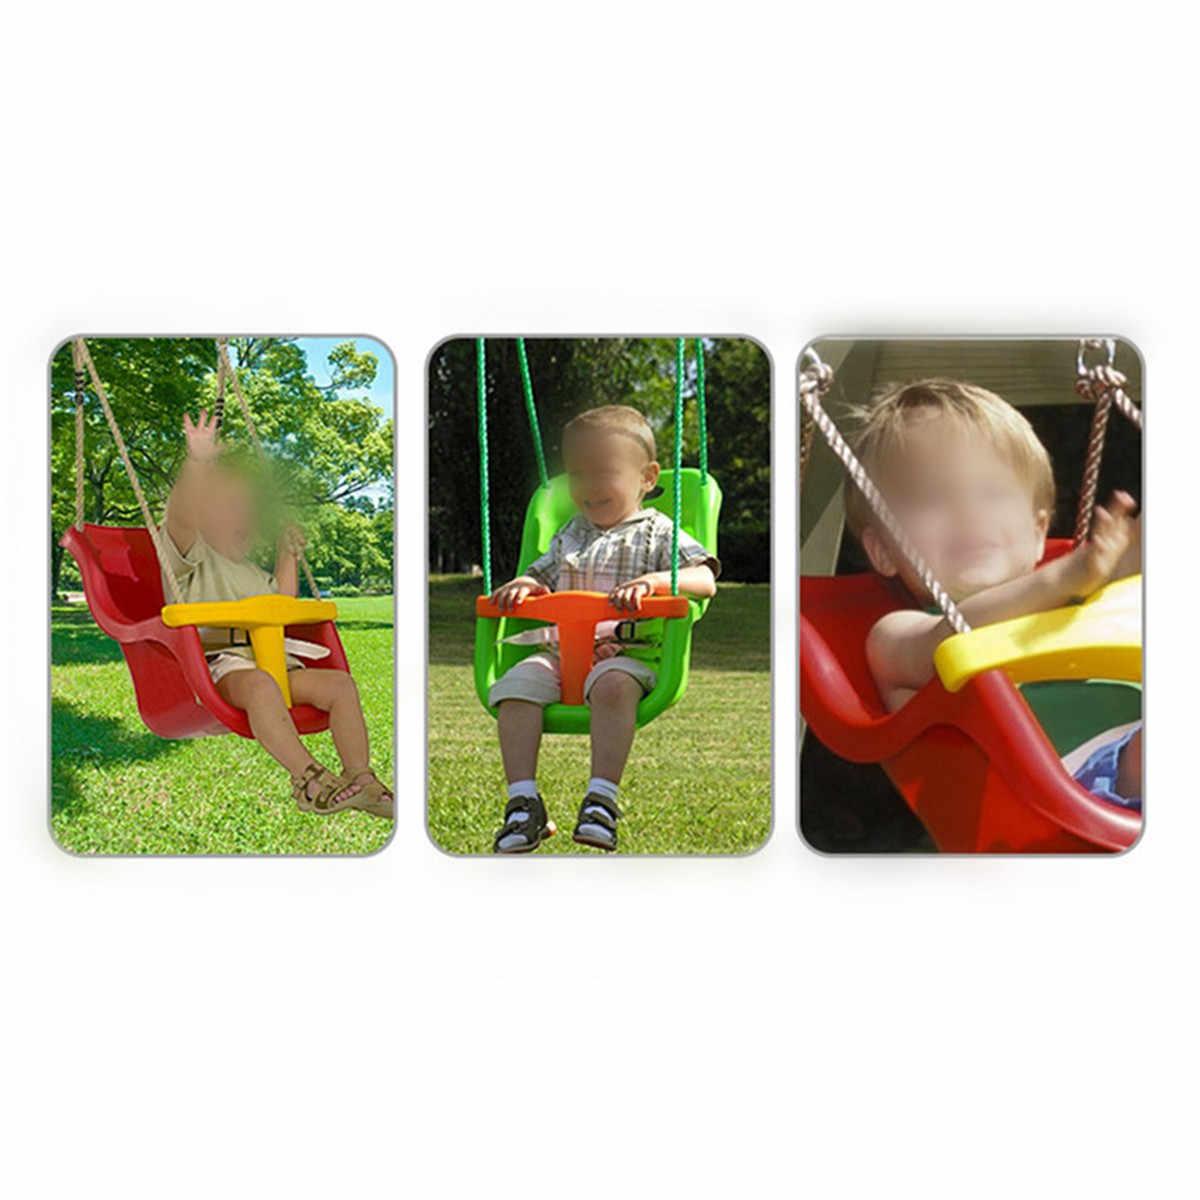 3-в-1 для дома и улицы безопасно для здоровья качели для детей игрушки для детей Детские высокой спинкой PE Пластик корзина весело сумасшедший